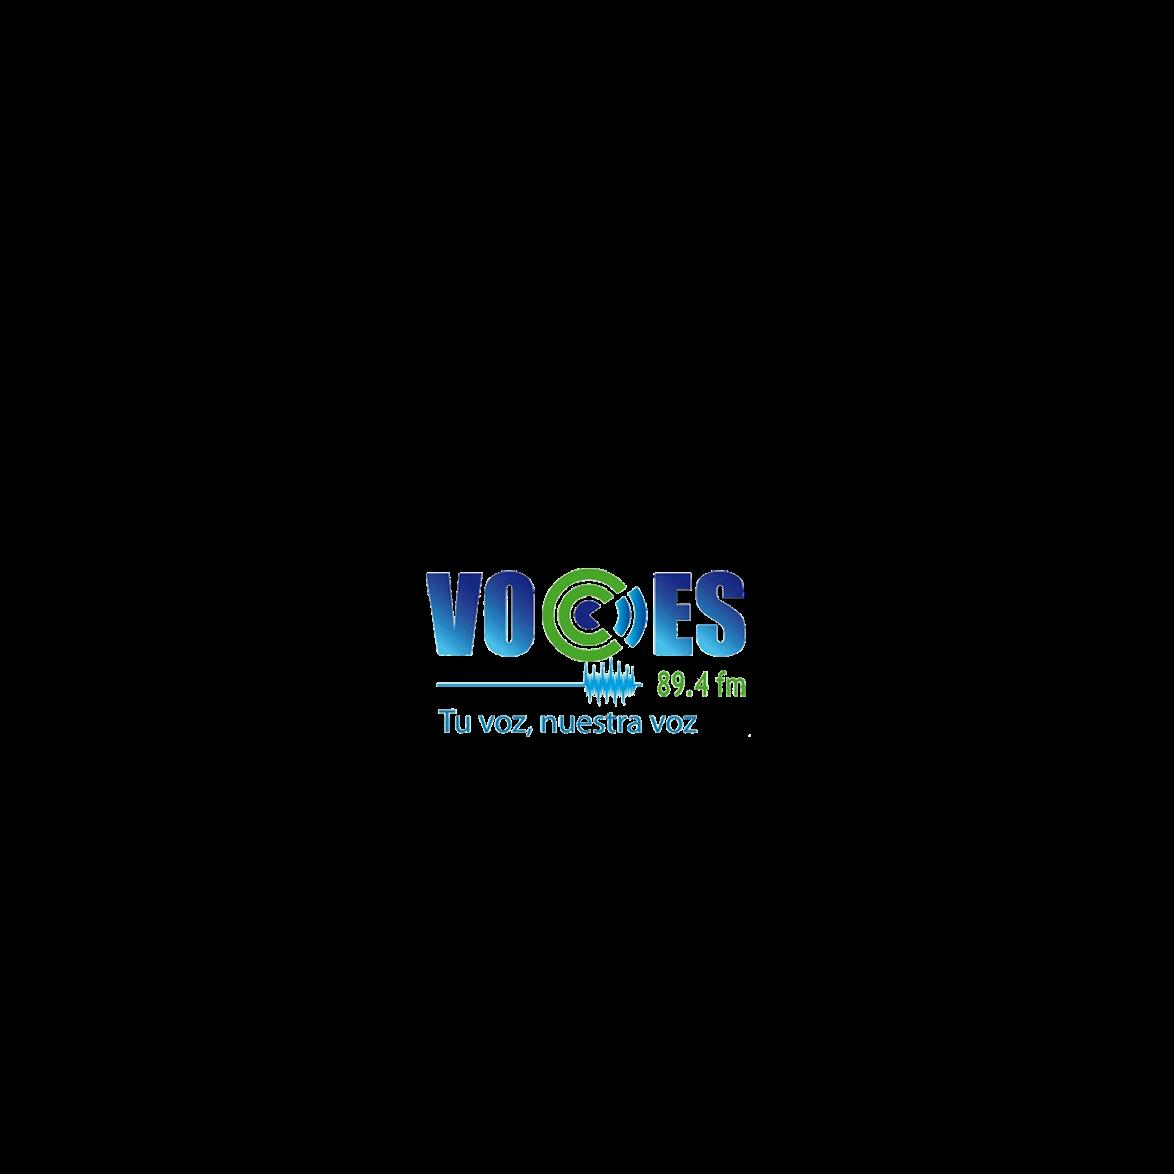 VOCES 89.4FM